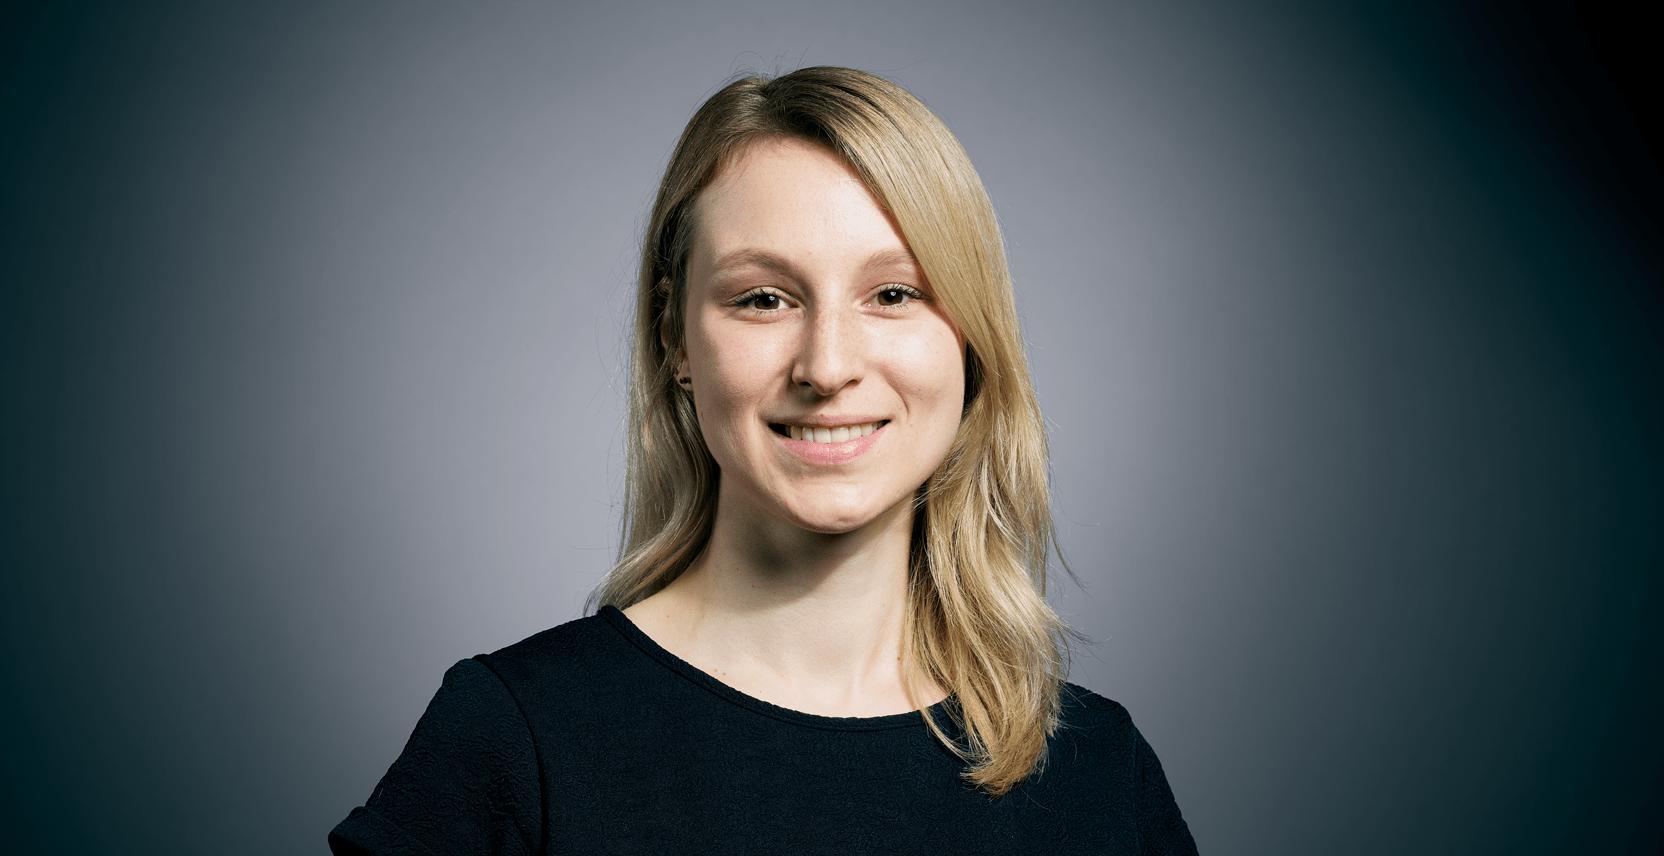 Susanna Schmoigl